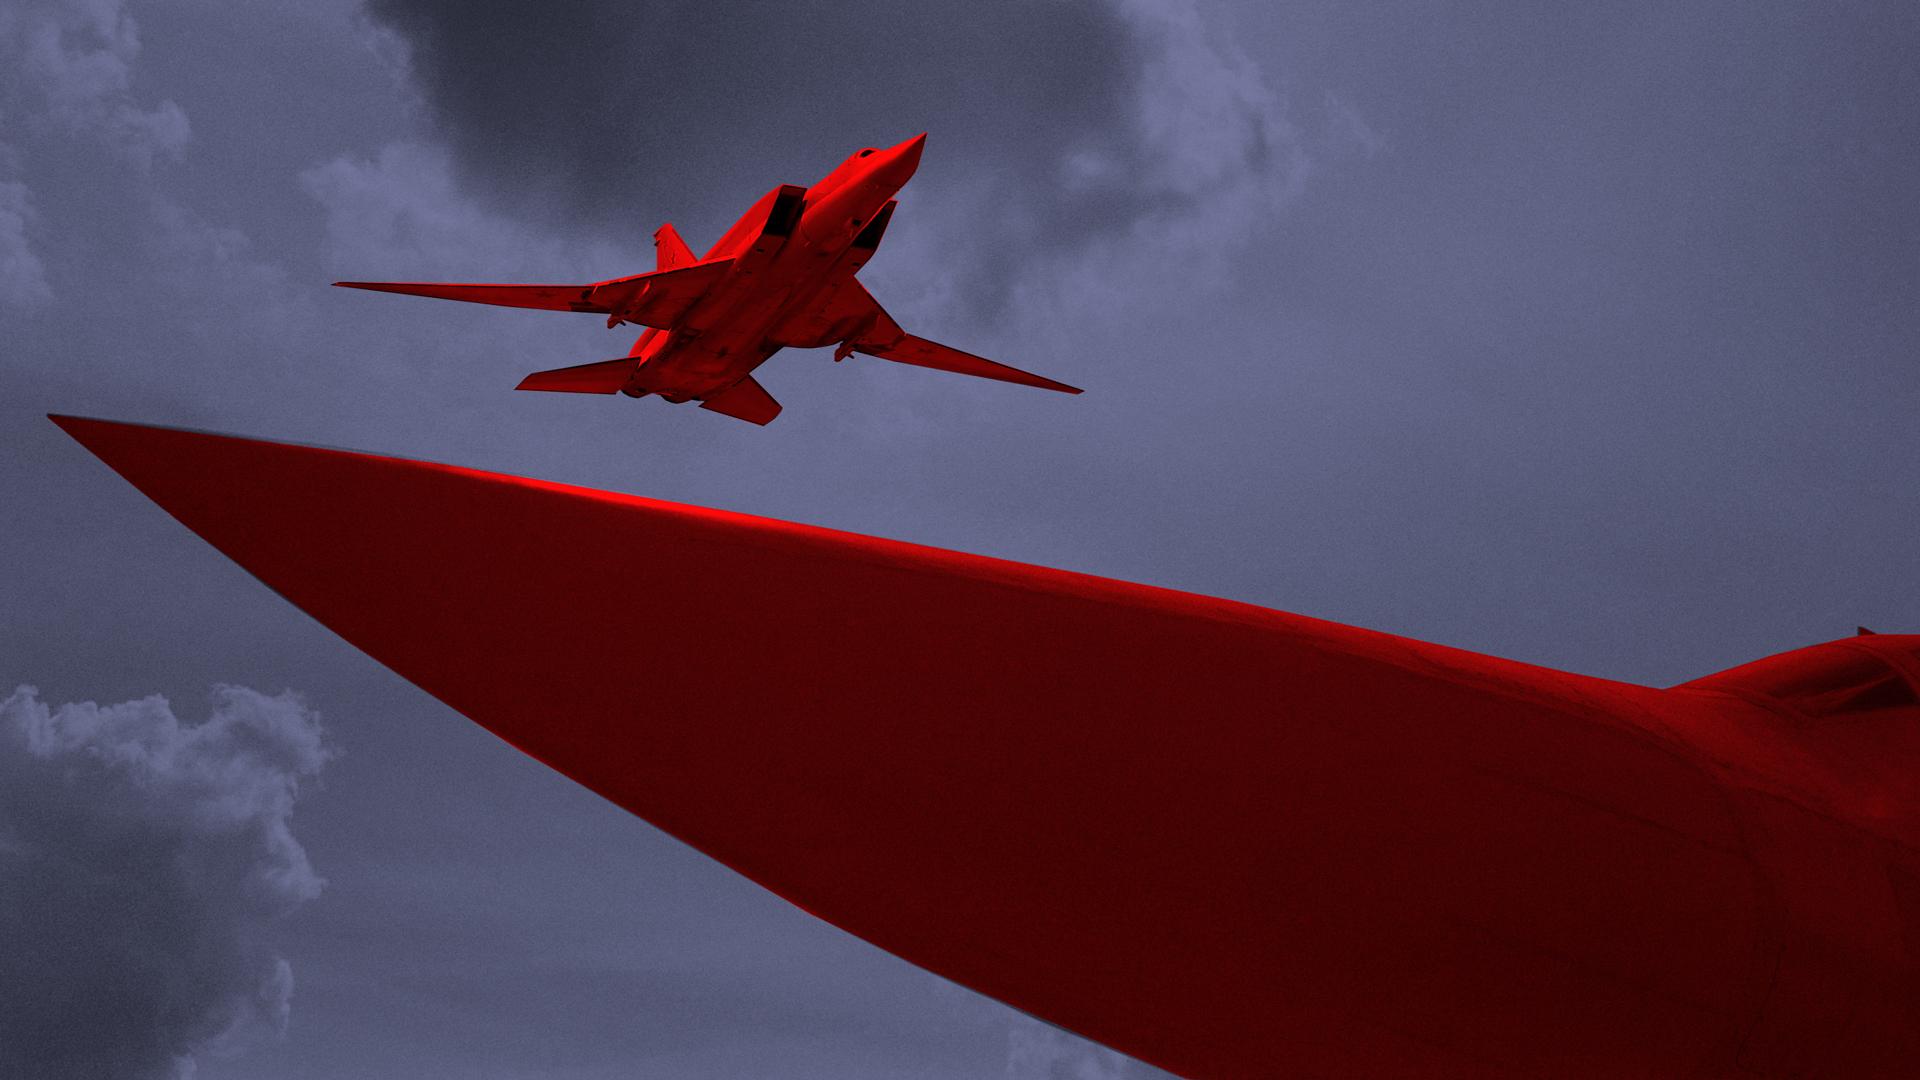 Самолёт-'людоед': как первый убийца авианосцев наводил ужас на лётчиков